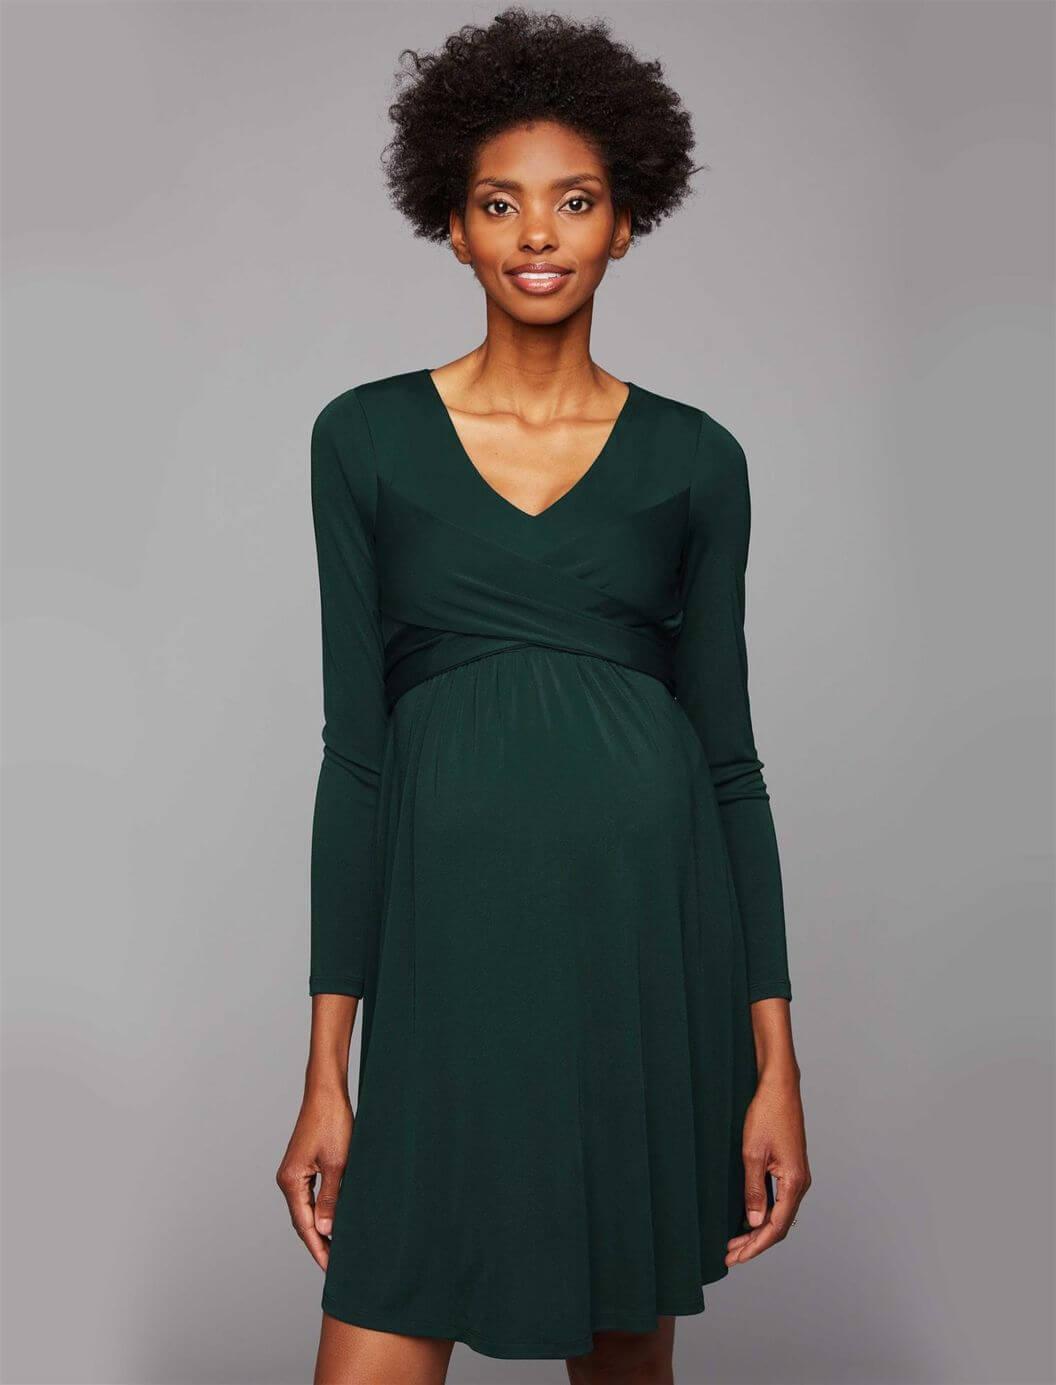 357cf62cd02e9 Long Sleeve Maternity Dress Etsy